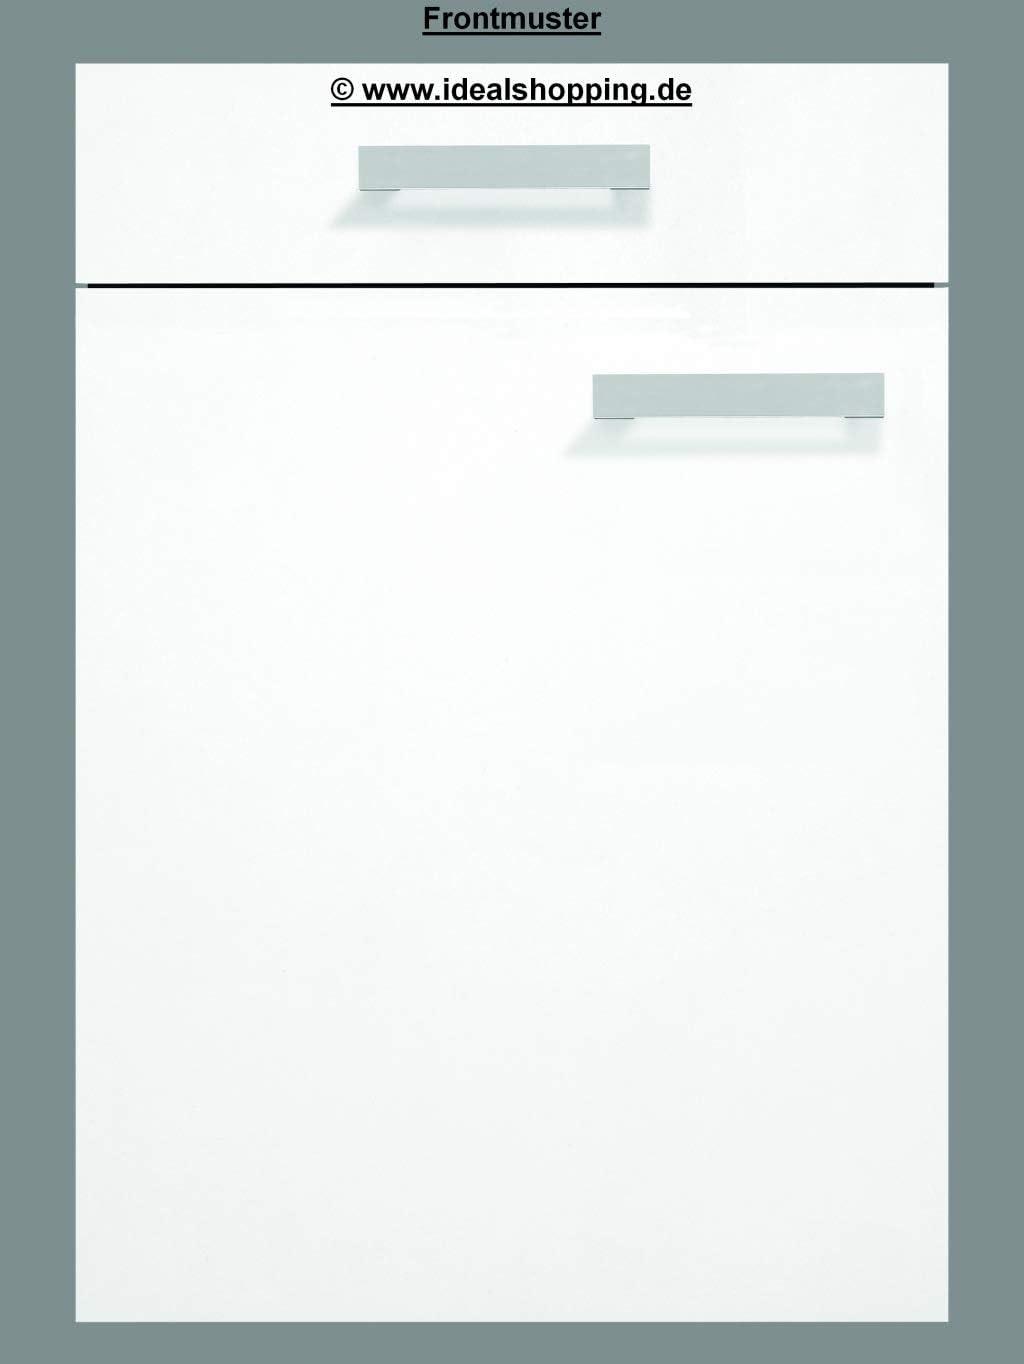 idealShopping GmbH K/üchen Sp/ülenunterschrank mit Arbeitsplatte ohne Einbausp/üle Genf SAPLO106-9 in wei/ß 100 cm